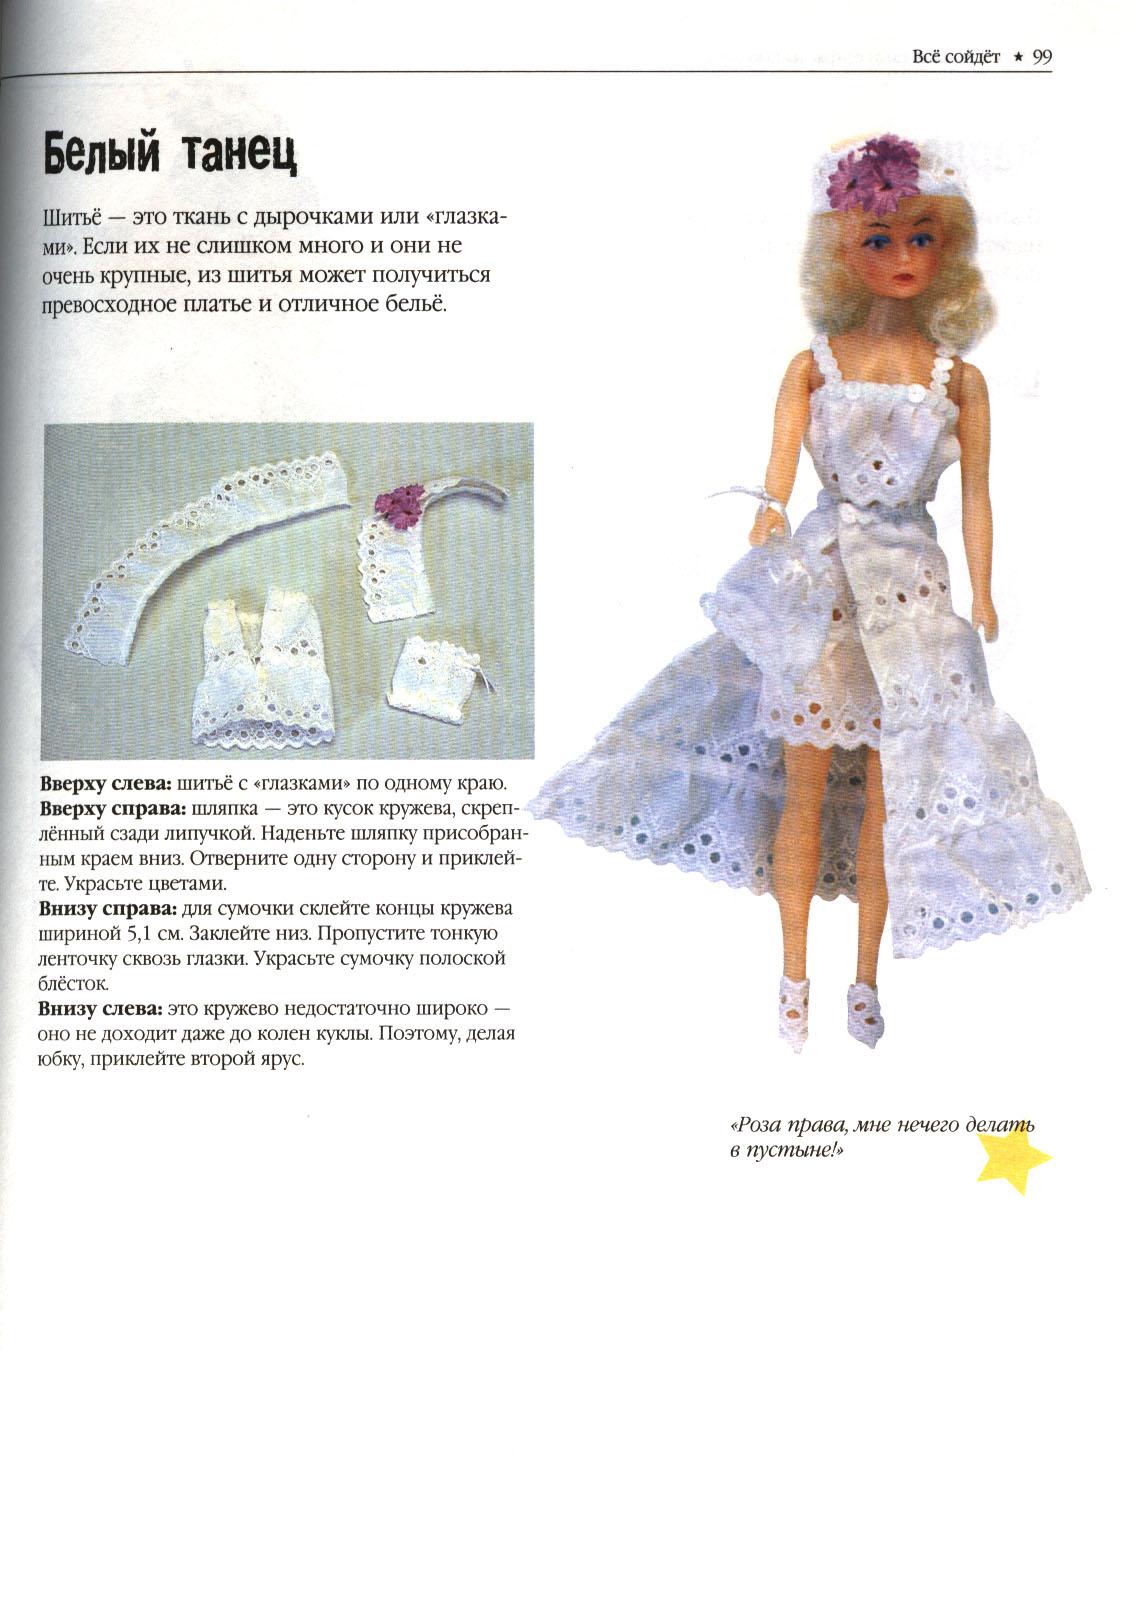 Свадебное платье для барби своими руками быстро и легко